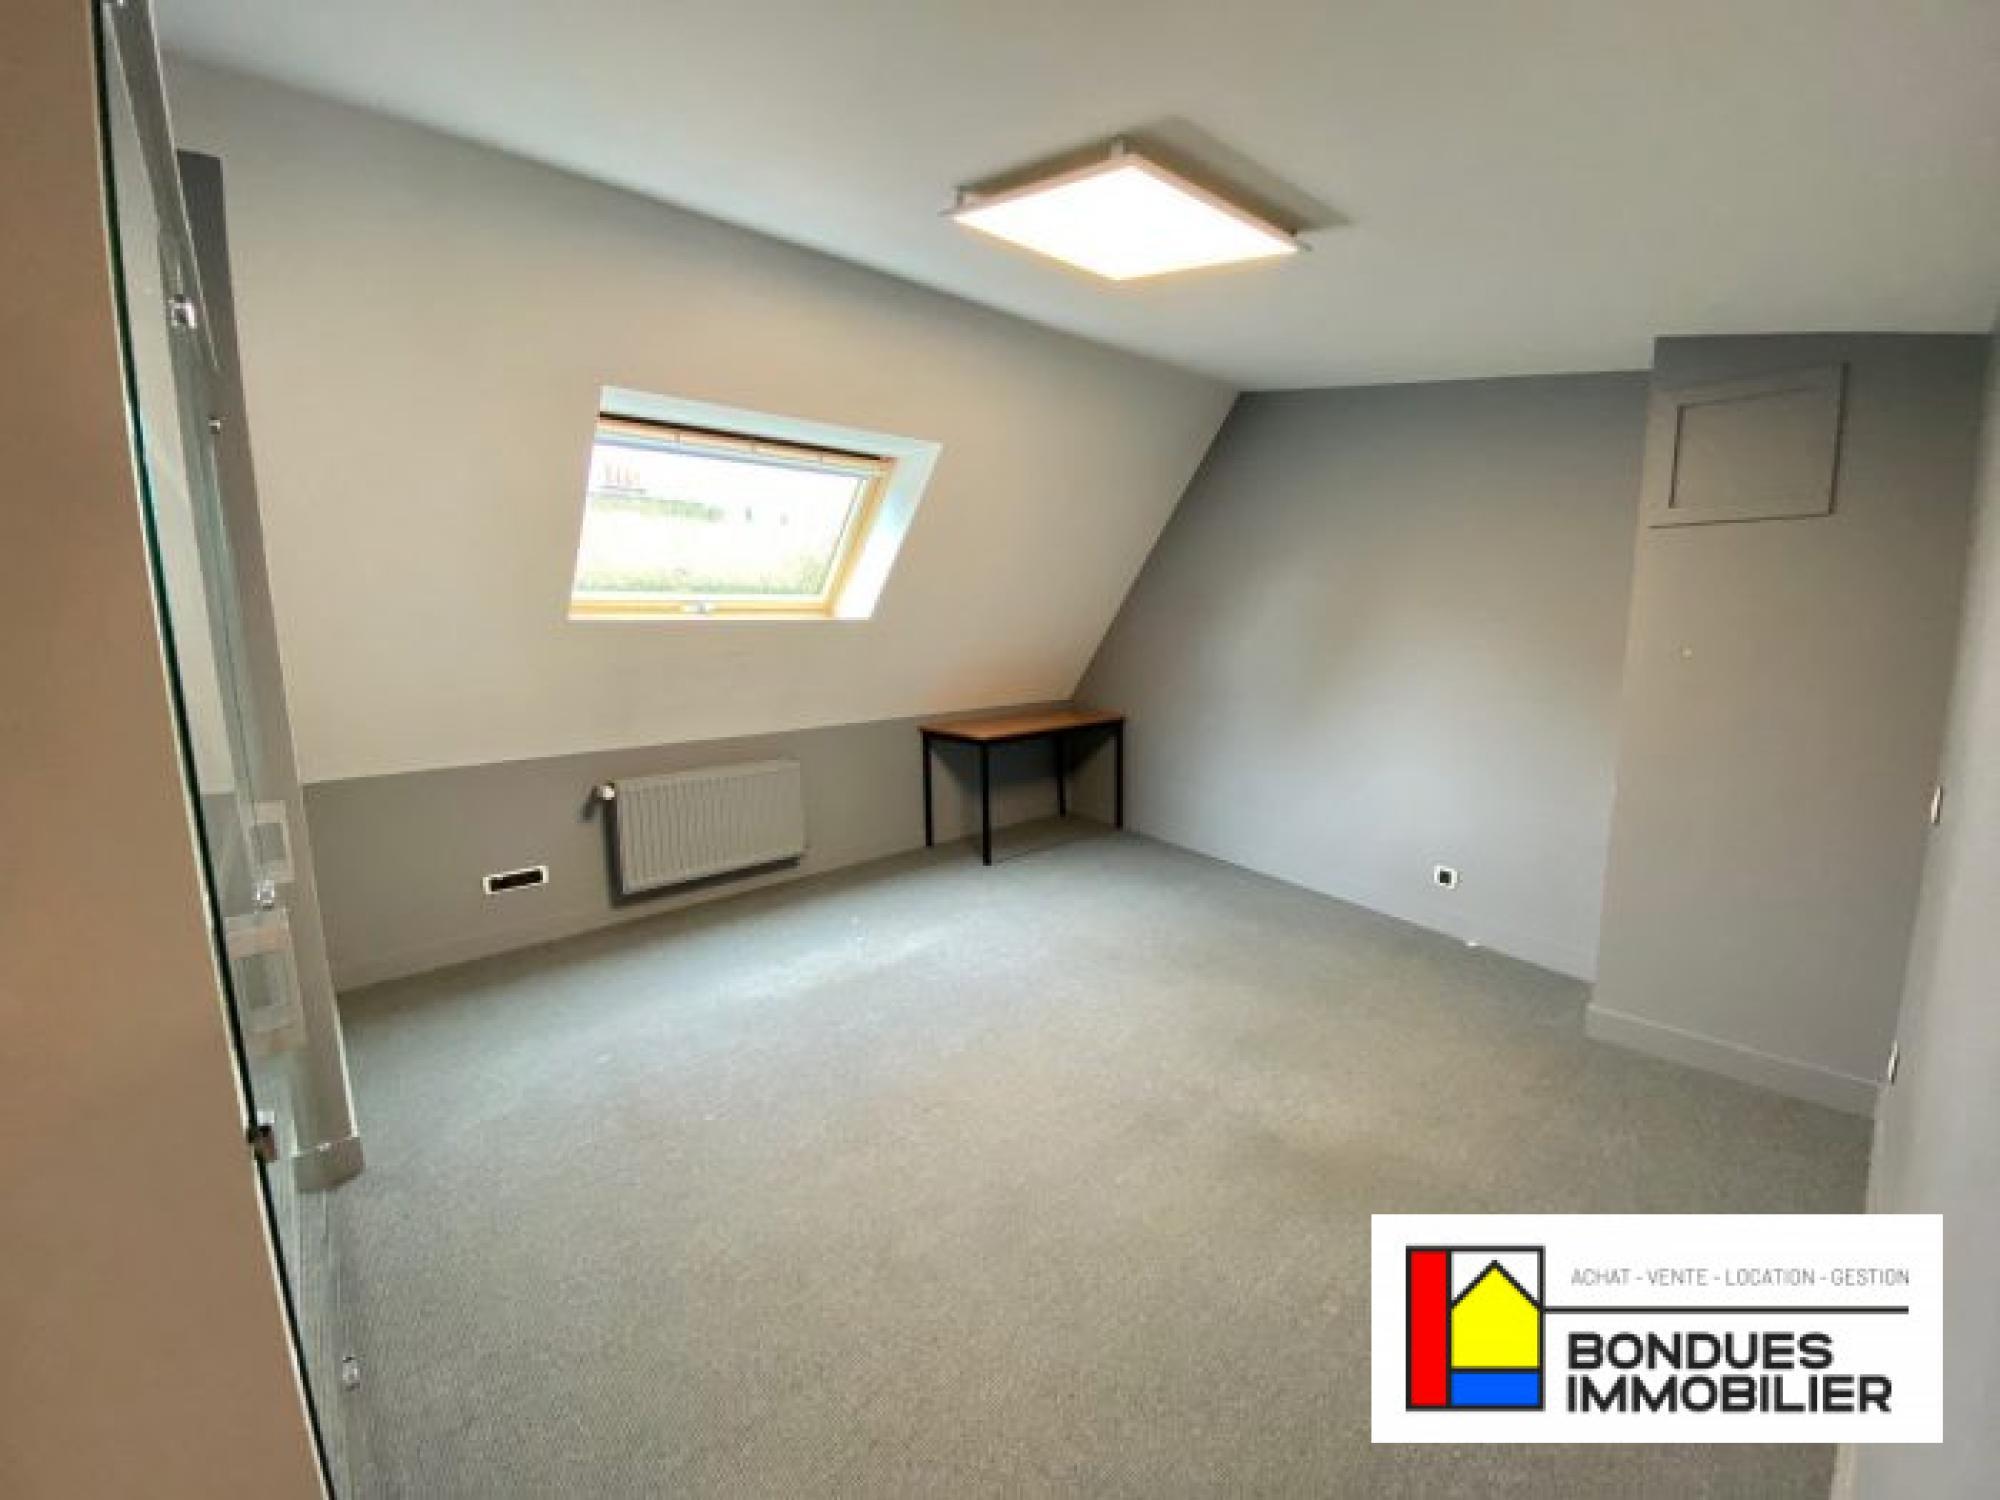 vente maison marcq en barœul refVM276 (10)